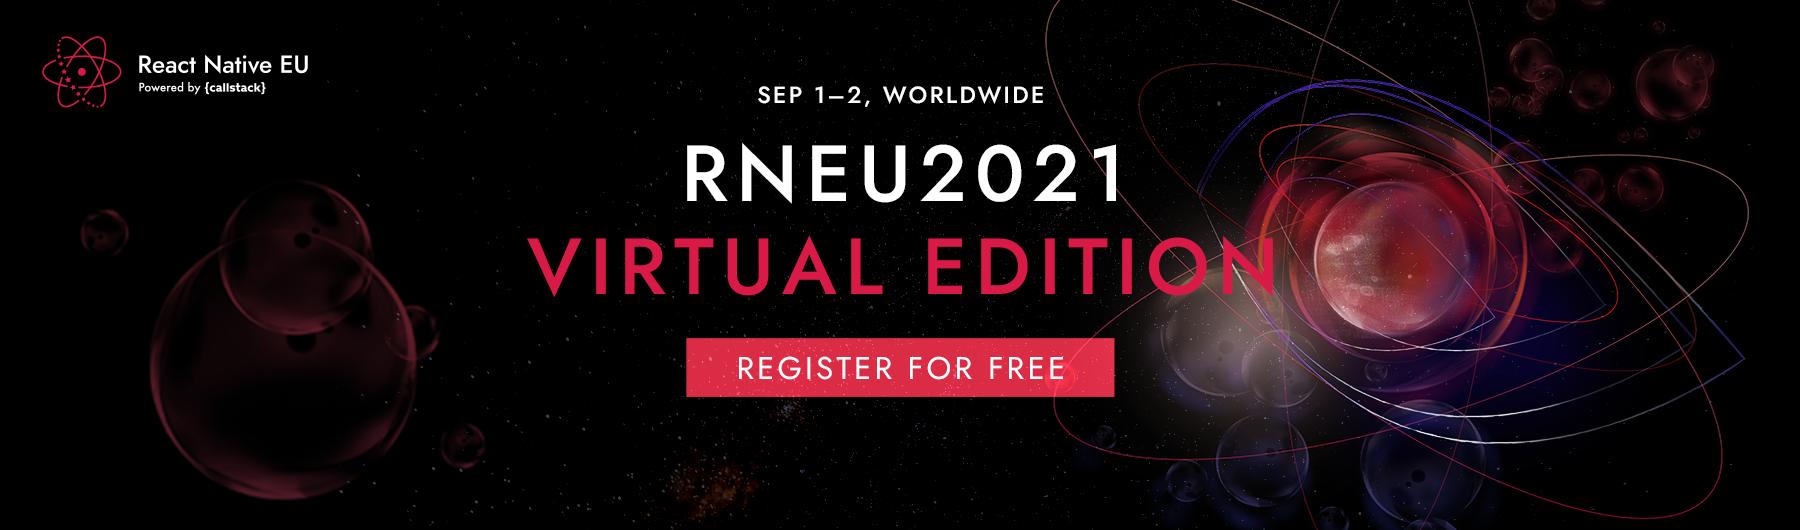 React Native EU 2021 - Virtual Edition